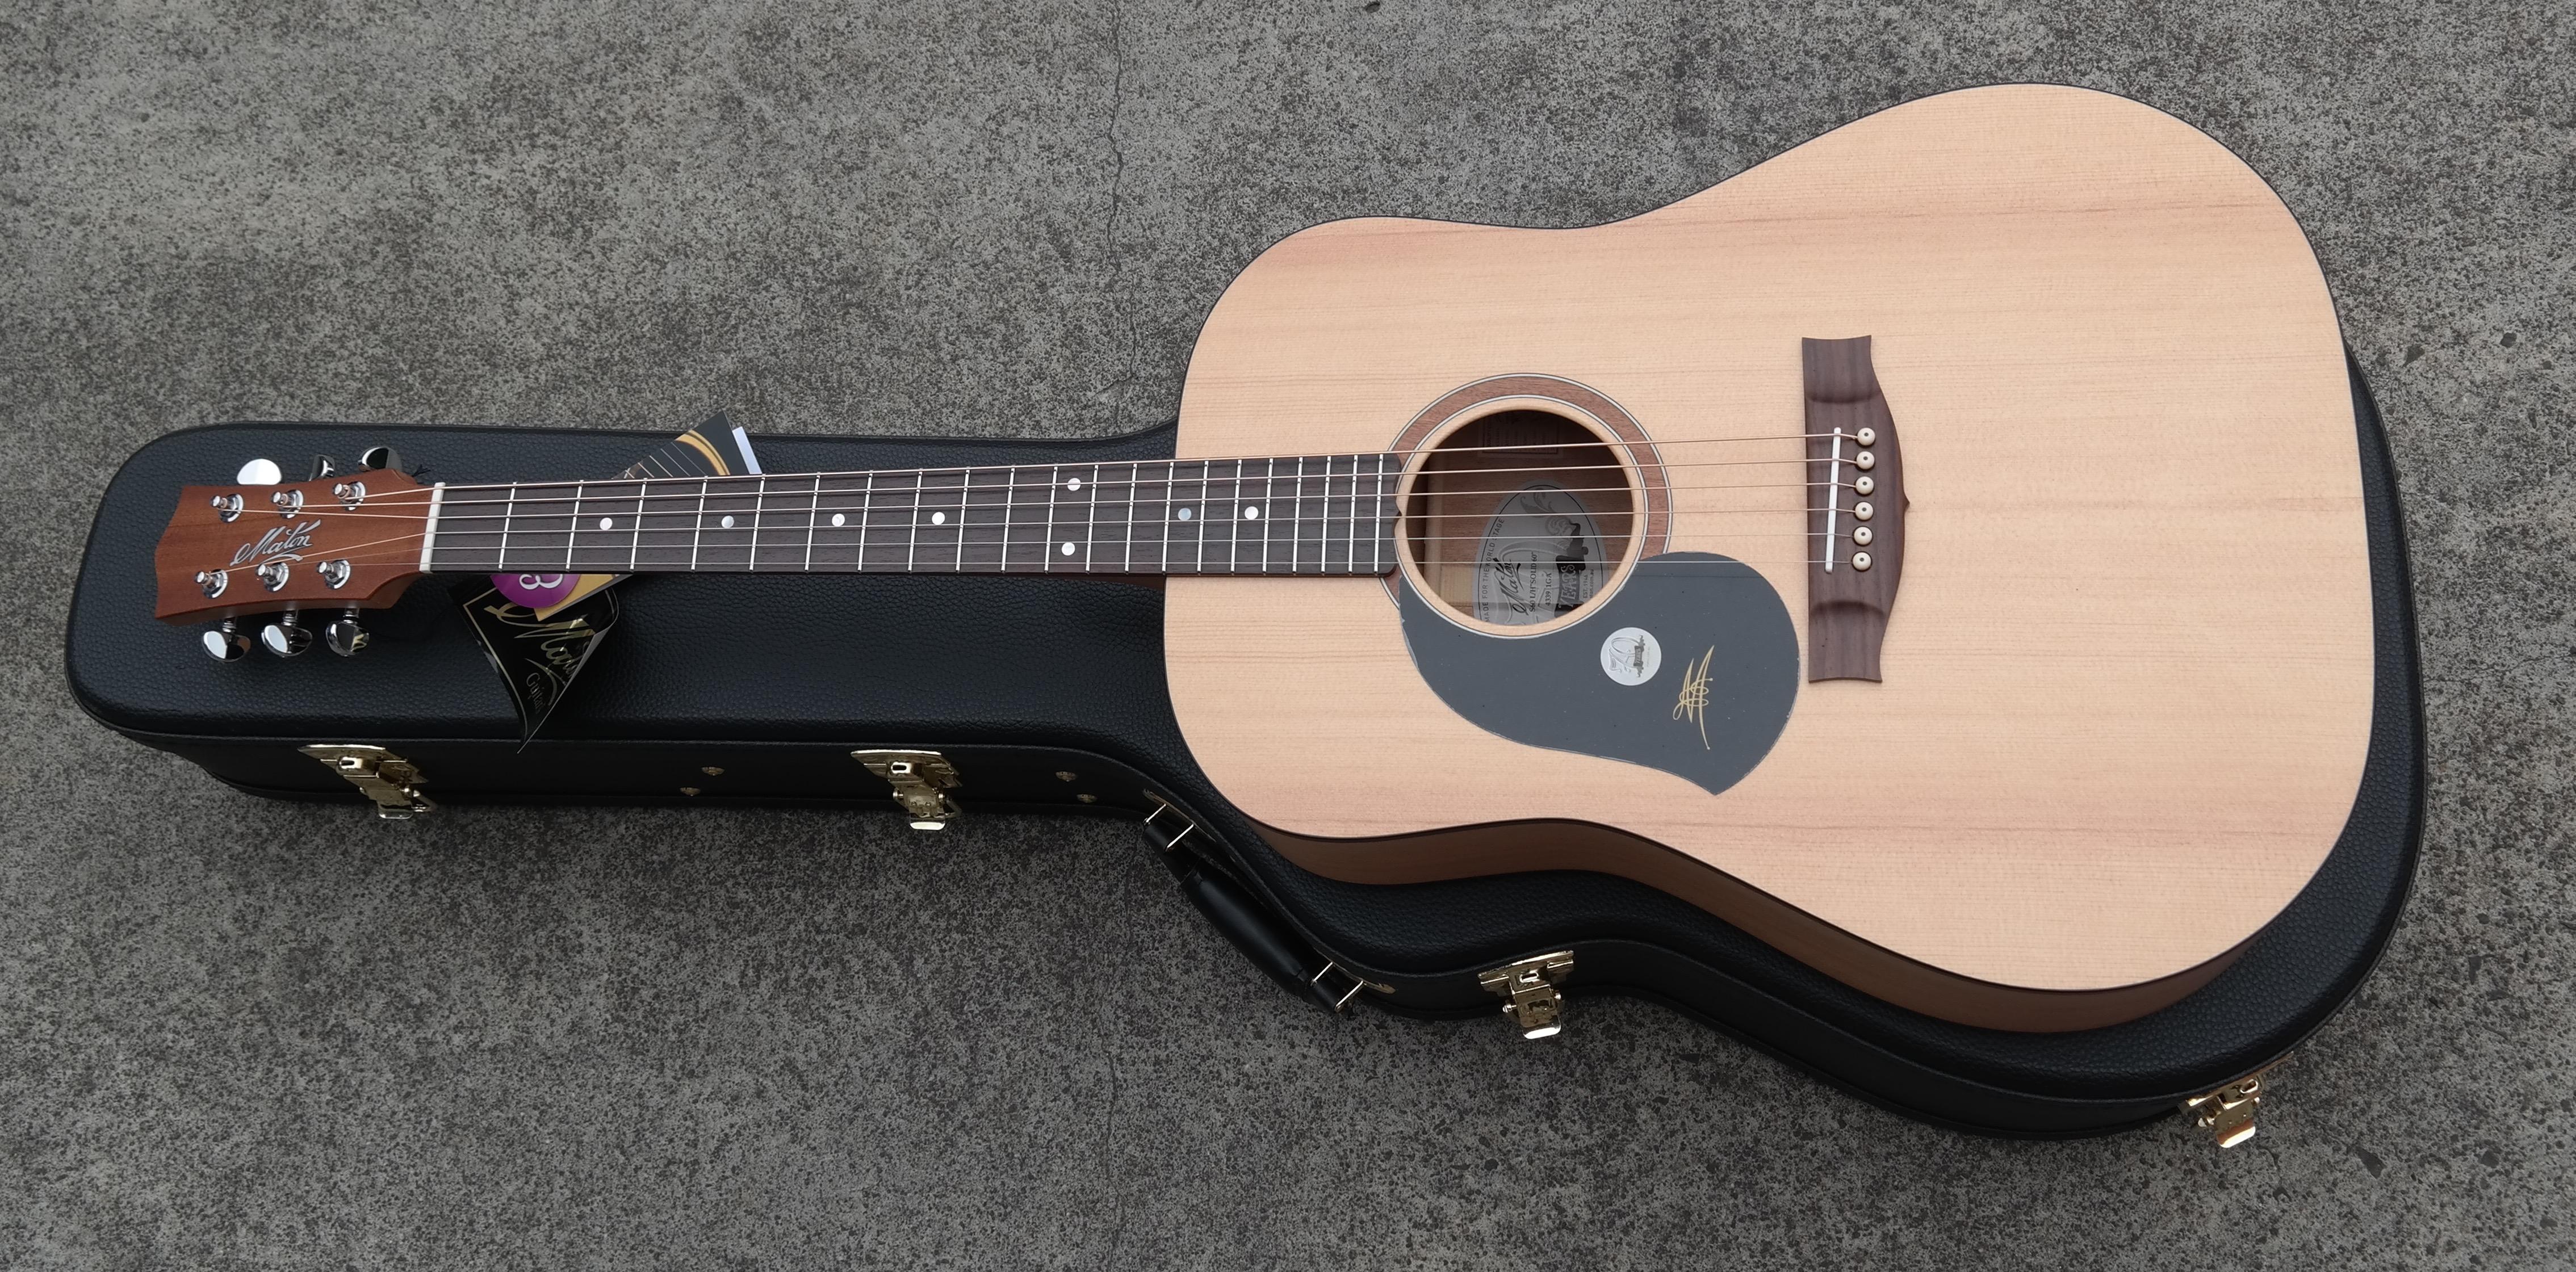 maton s60 acoustic guitar left handed eastgate music. Black Bedroom Furniture Sets. Home Design Ideas